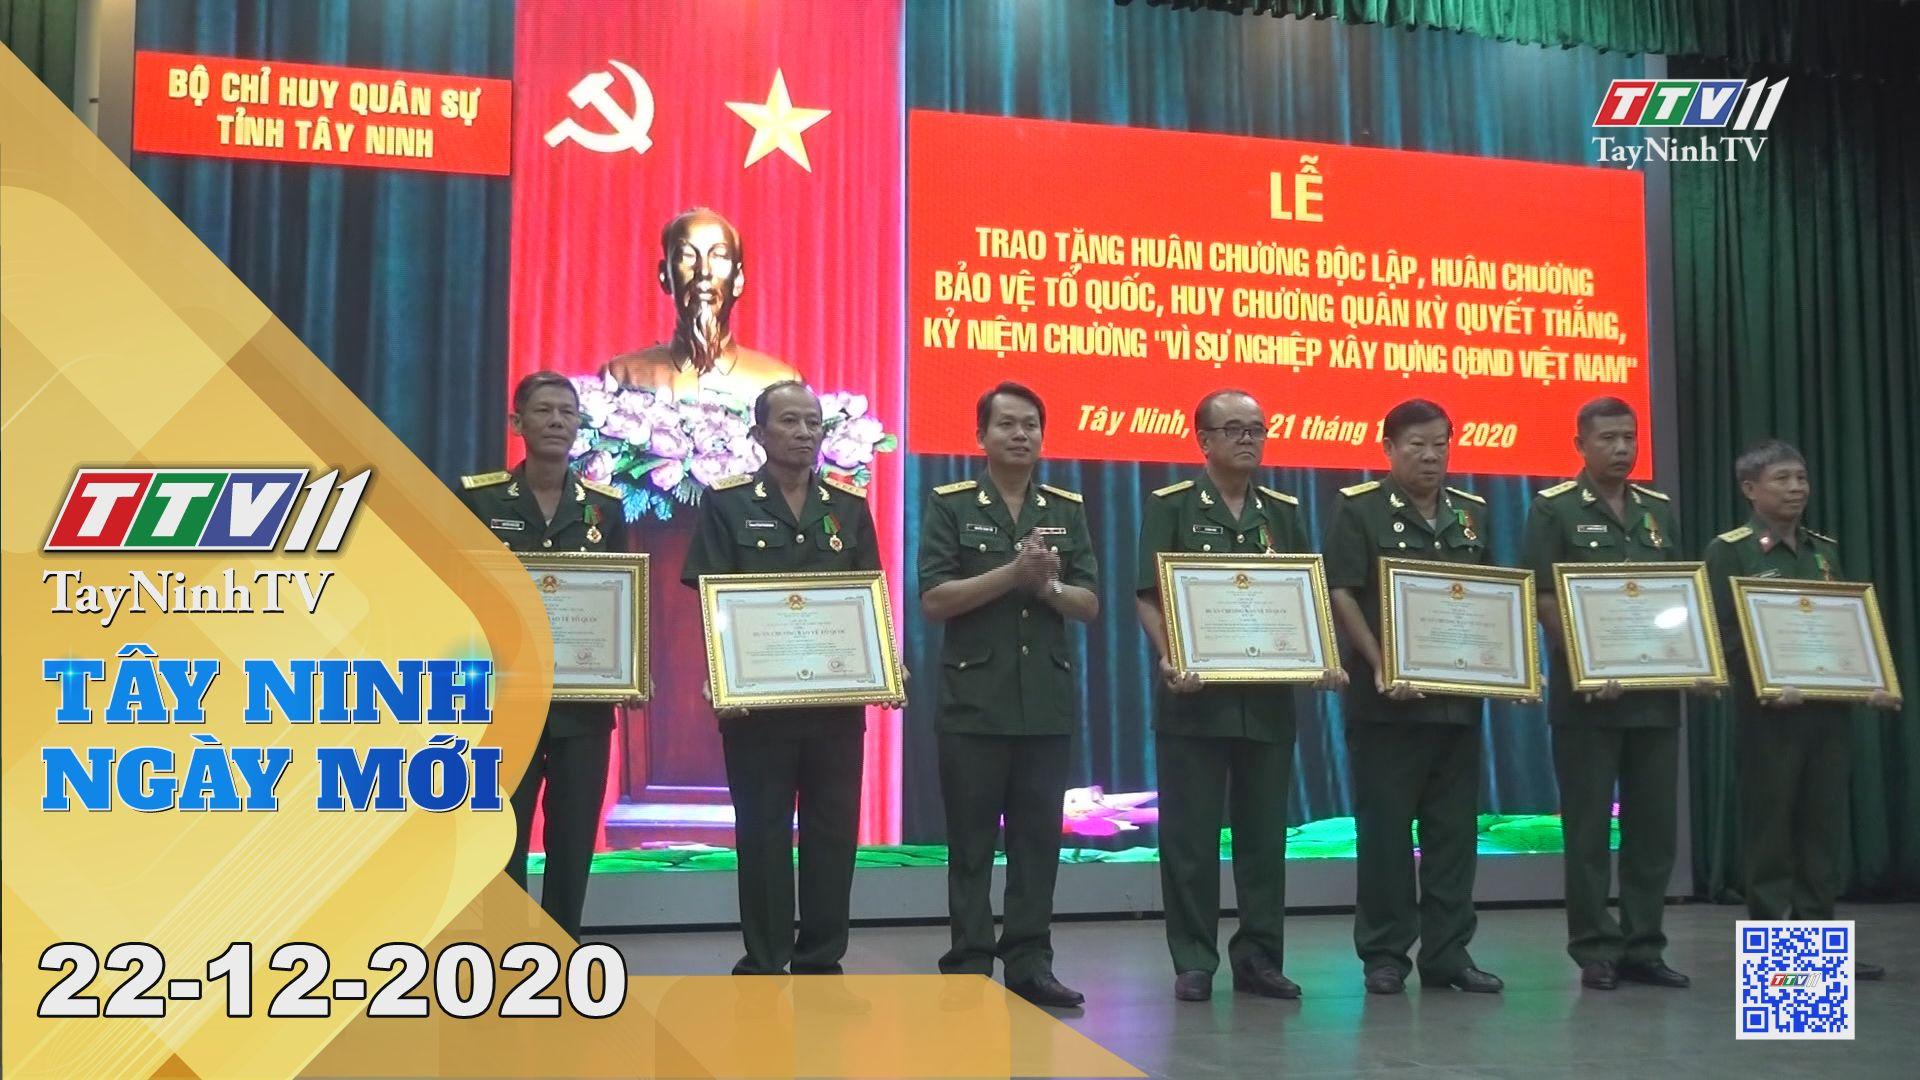 Tây Ninh Ngày Mới 22-12-2020 | Tin tức hôm nay | TayNinhTV